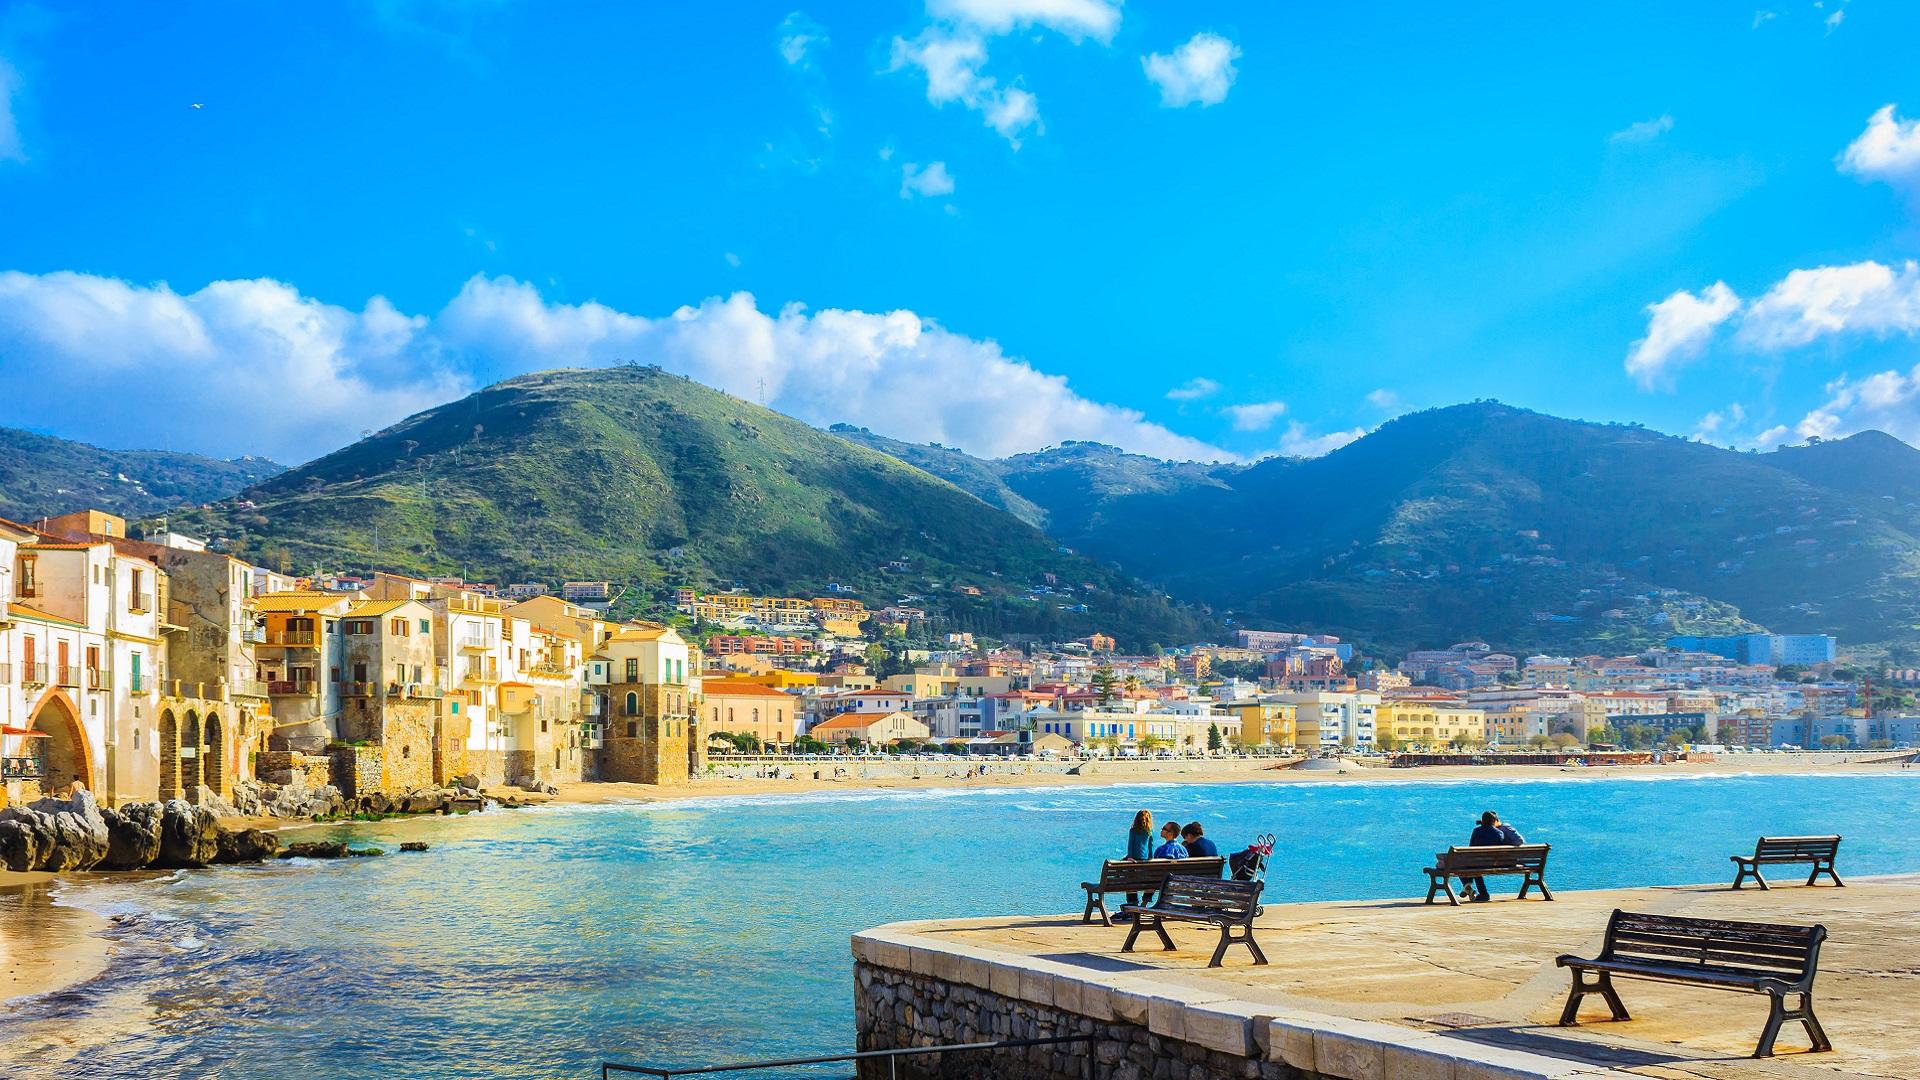 176dc2b19a2c54 Hotel Santa Lucia e Le Sabbie D'oro - Sycylia, Włochy - Wczasy ...